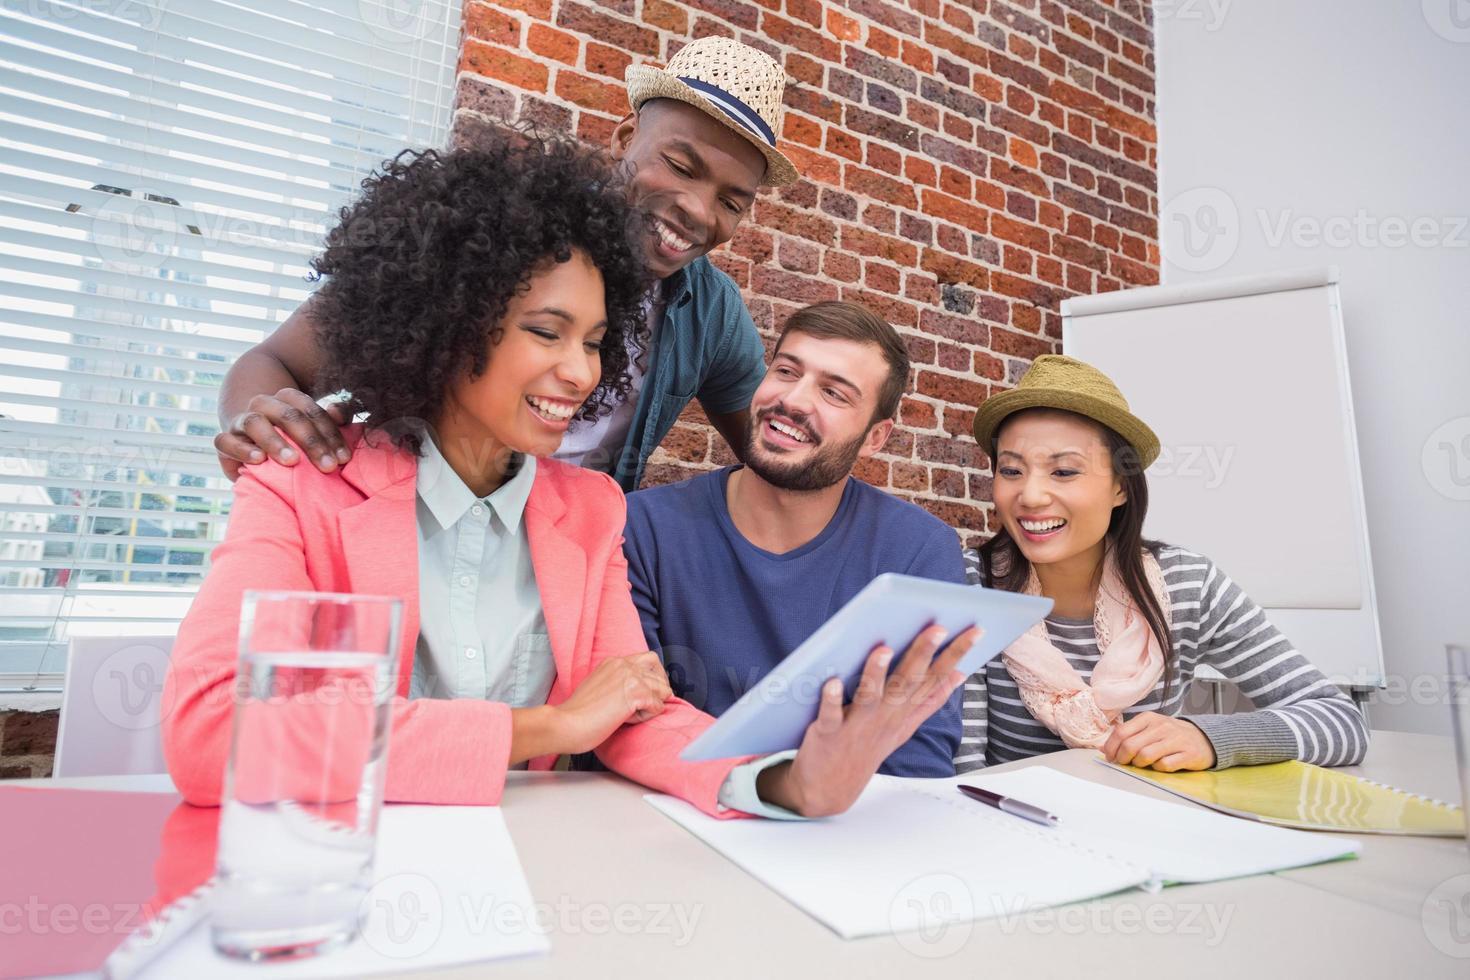 équipe créative utilisant une tablette numérique en réunion photo